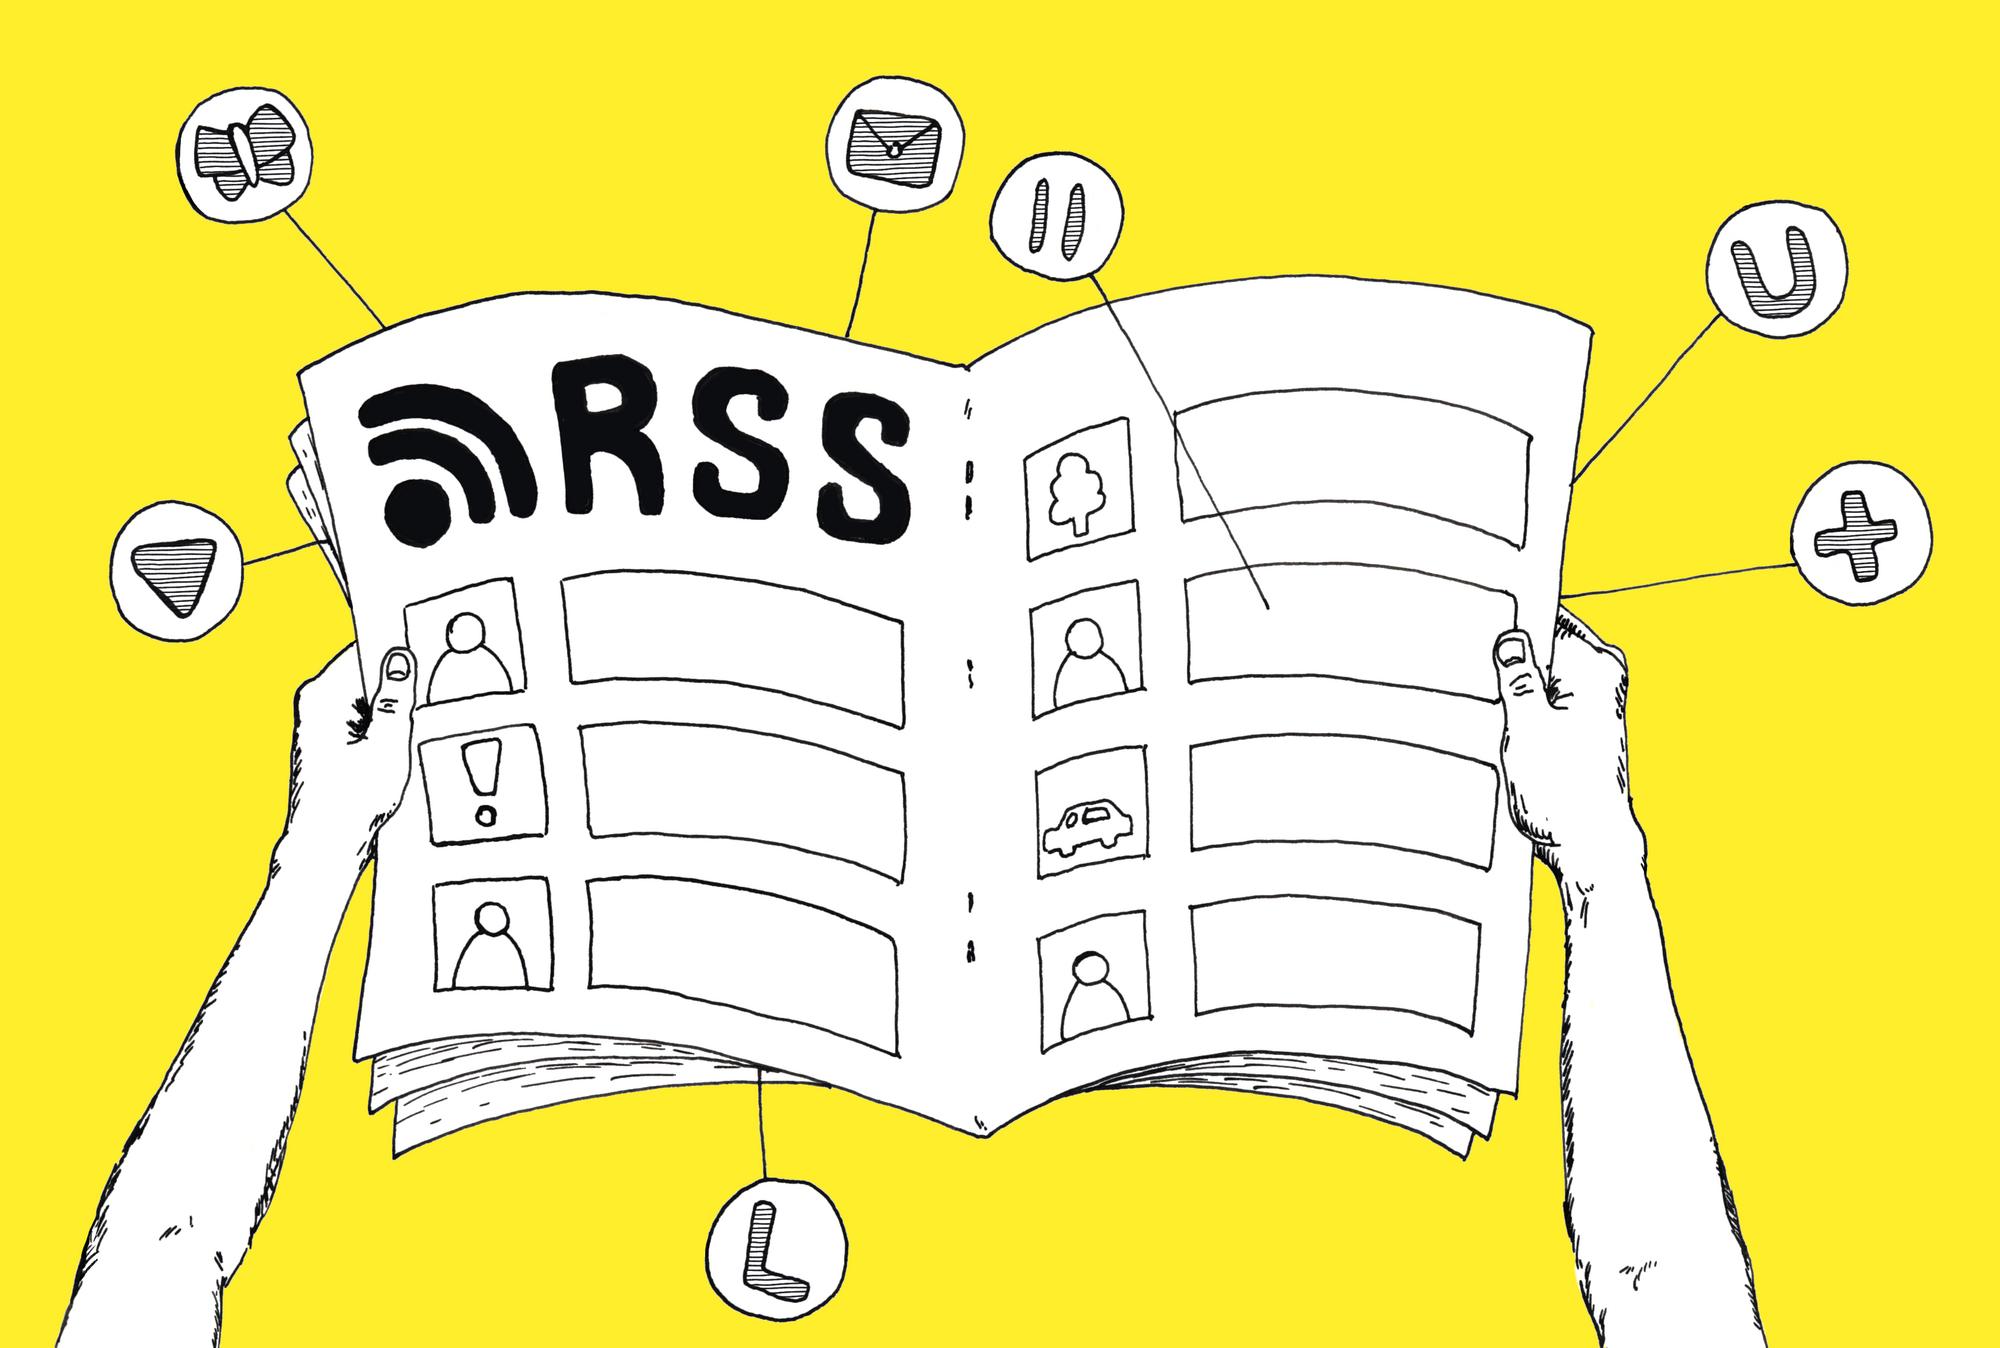 Ilustracja. Pokazuje trzymaną w rękach otwartą gazetę z napisem RSS. Dookoła gazety unoszą się ikony różnych stron i aplikacji, które są połączone z gazetą prostymi liniami.